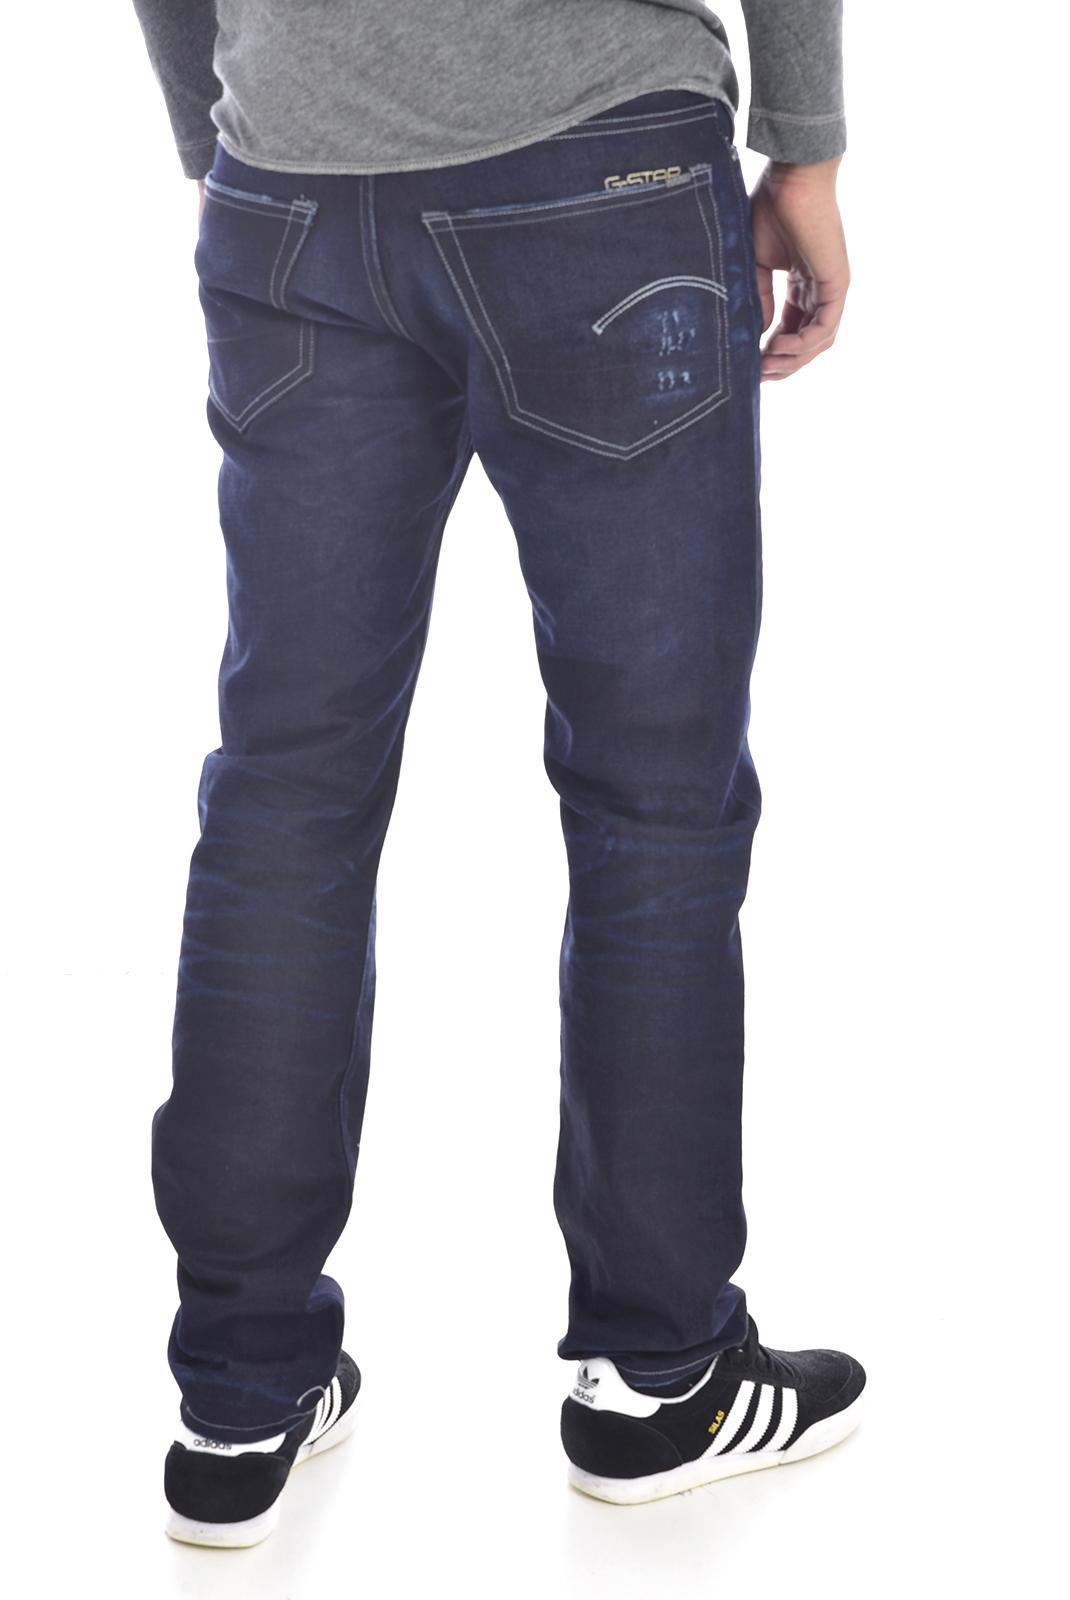 Homme  G-star 50128-5165-89 3301 bleu